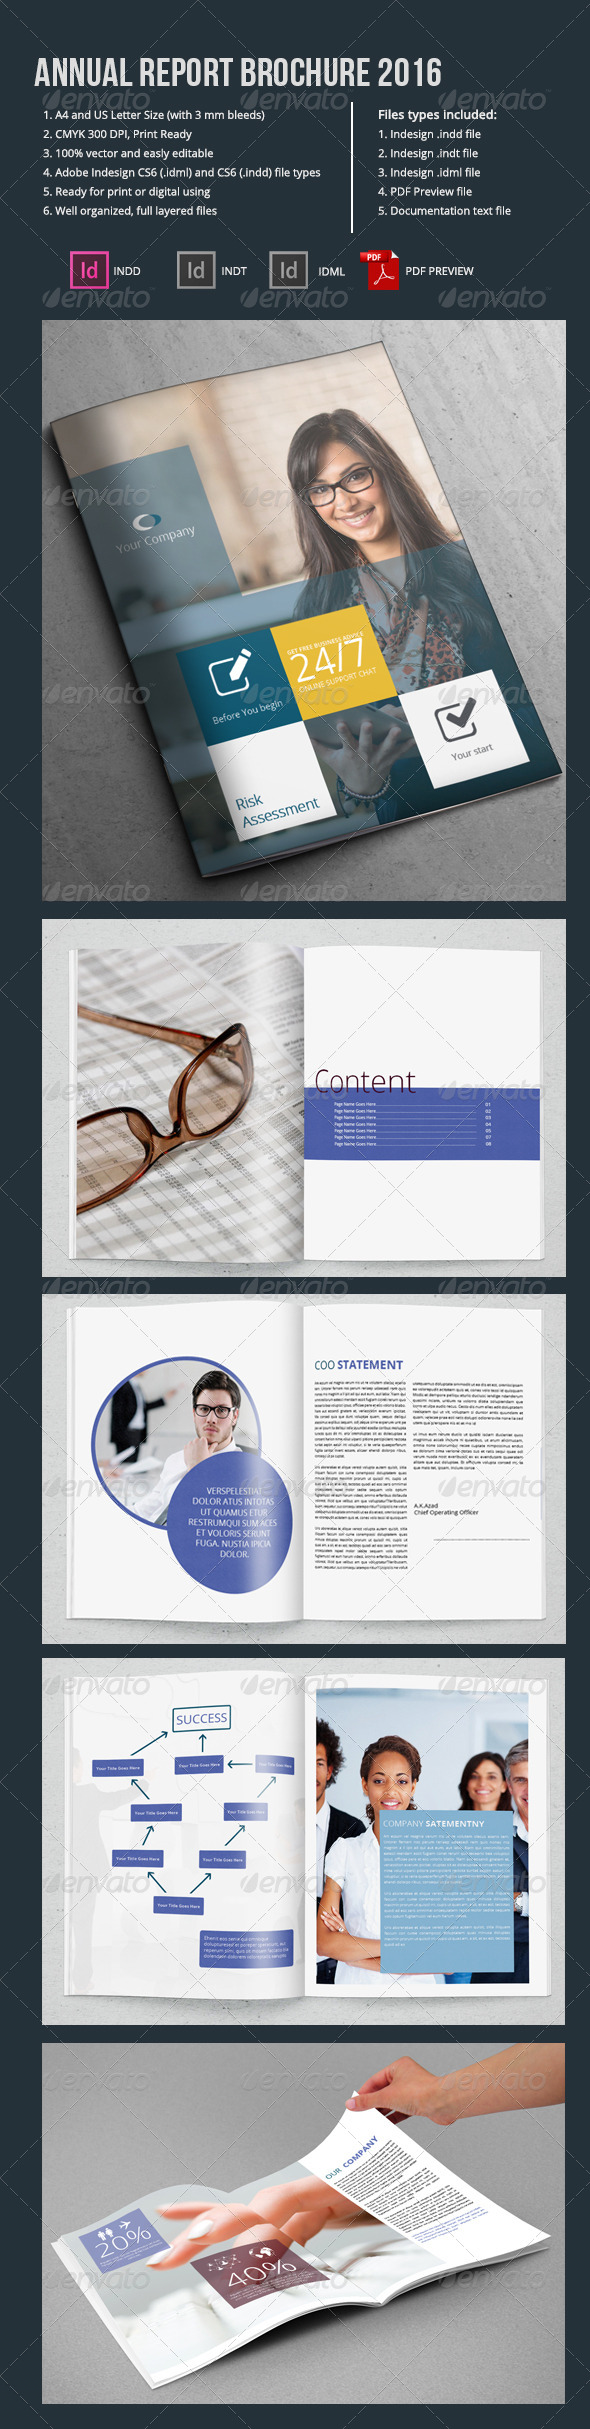 GraphicRiver Annual Report Brochure 2016 6767933